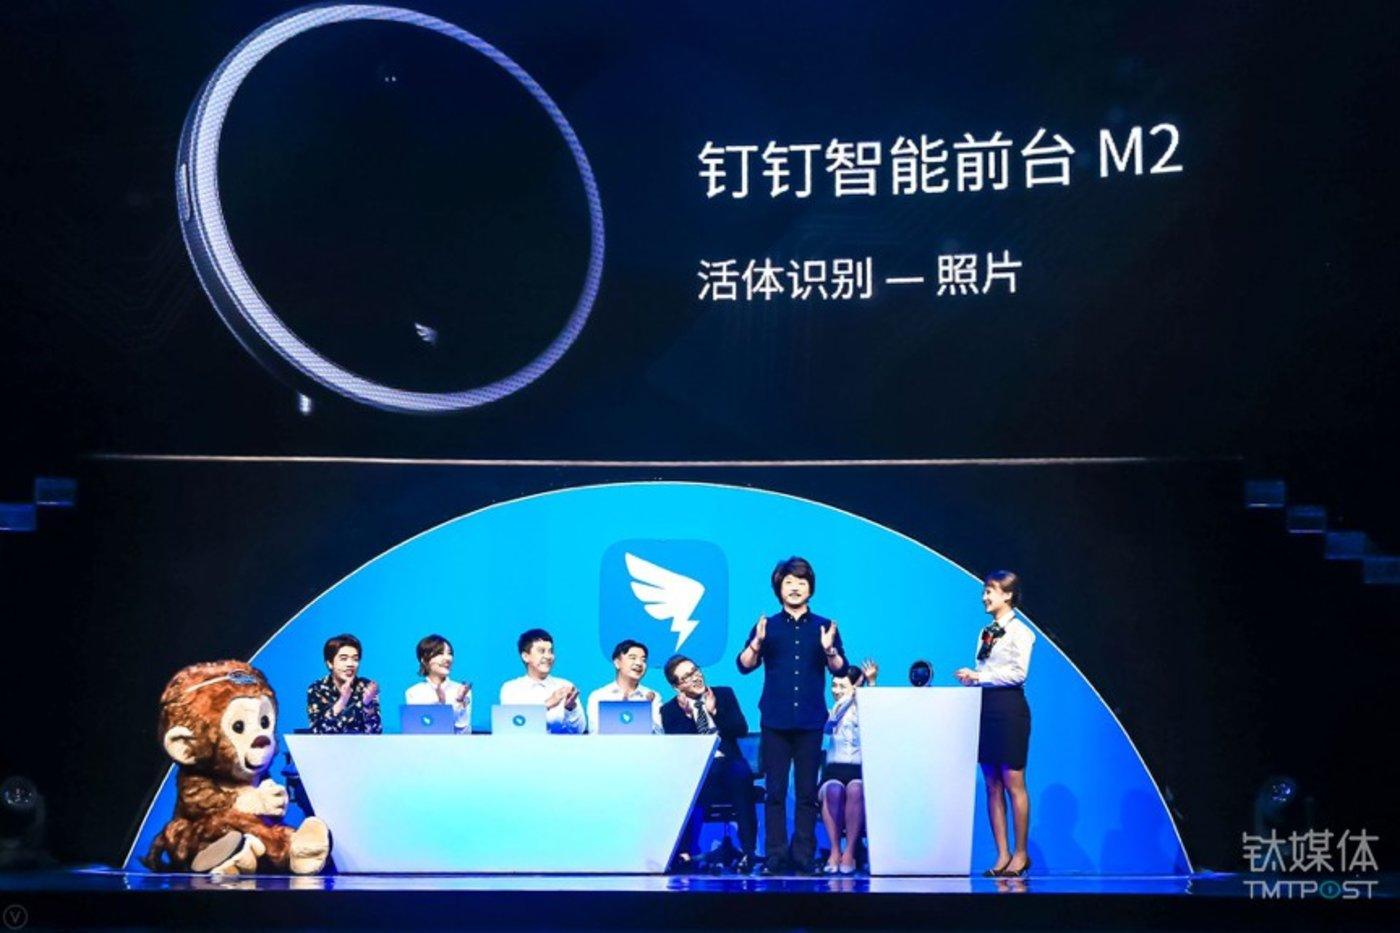 今年11月,钉钉发布了支持人脸识别的硬件设备:智能前台M2